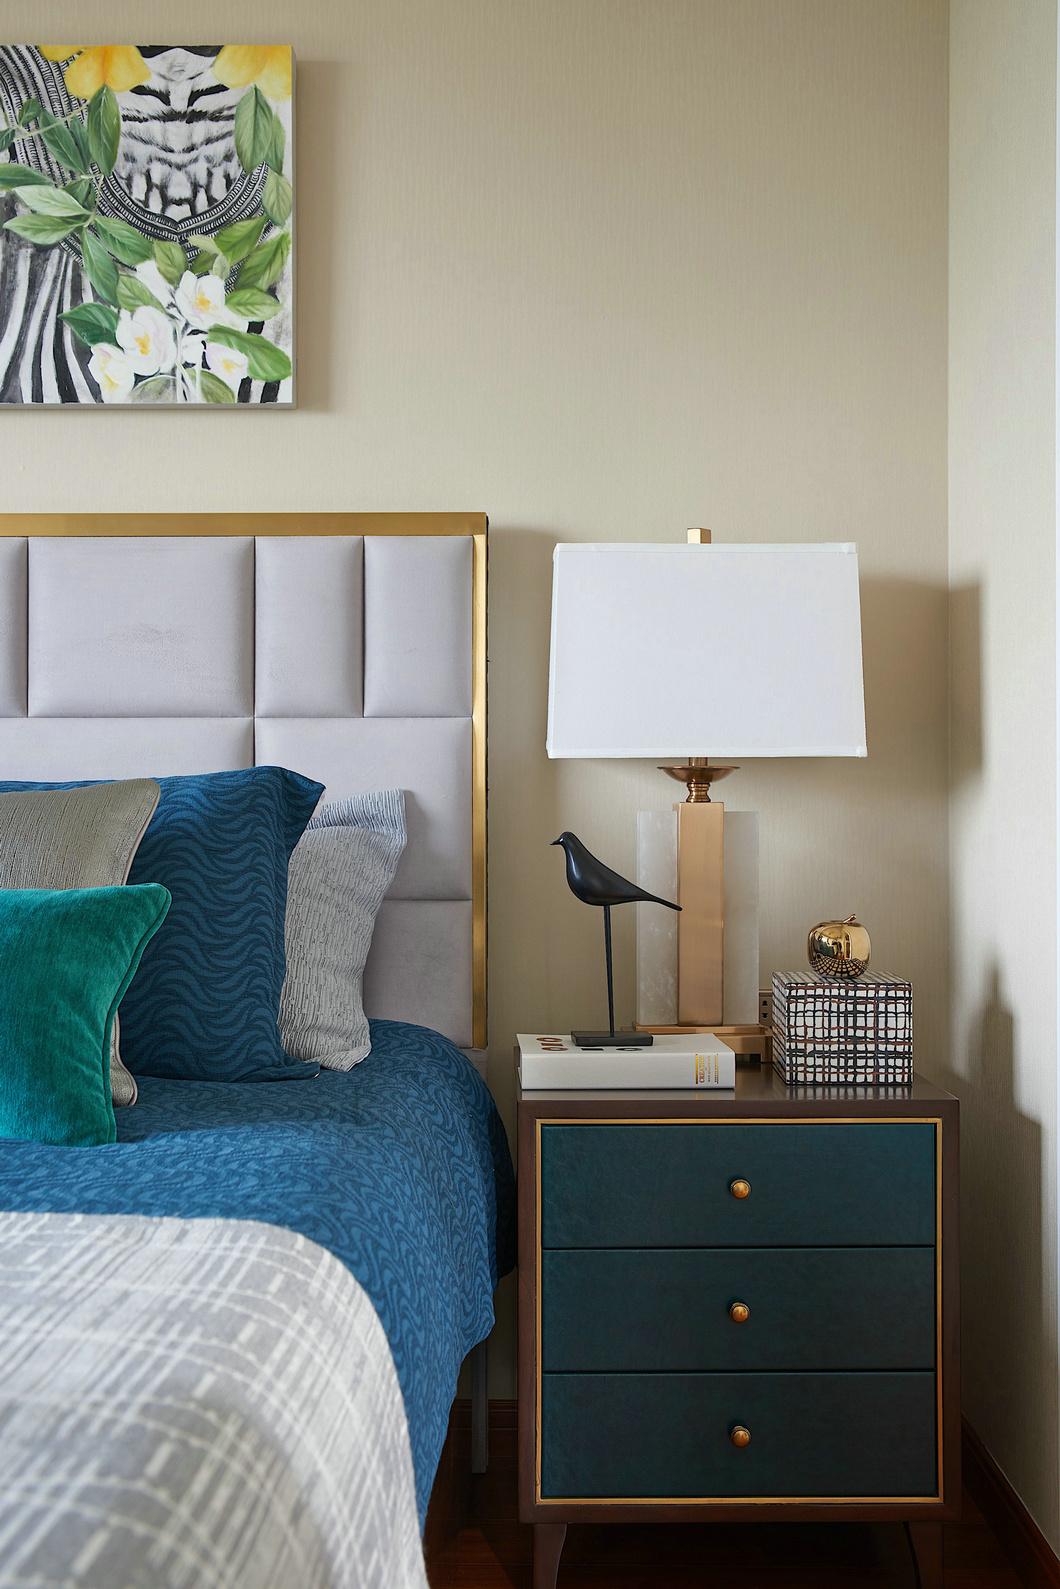 法式风格别墅装修样板间床头柜图片